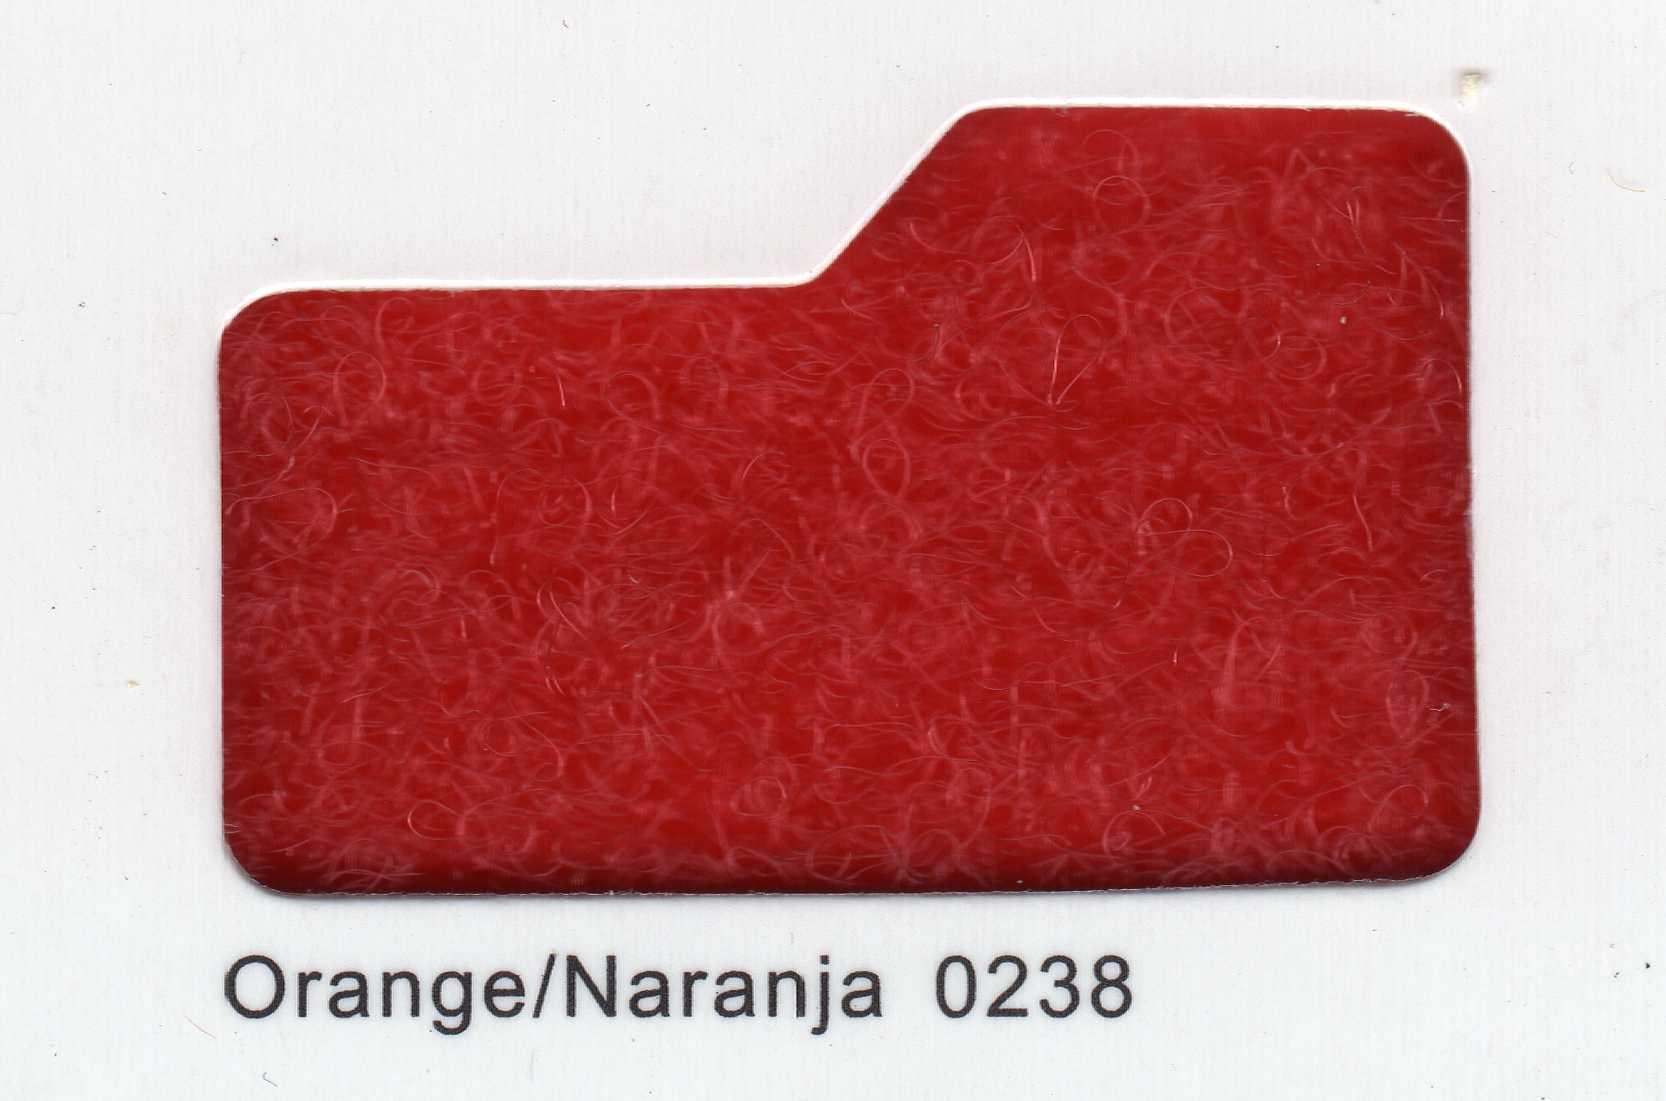 Cinta de cierre Velcro-Veraco 30mm Naranja 0238 (Gancho).